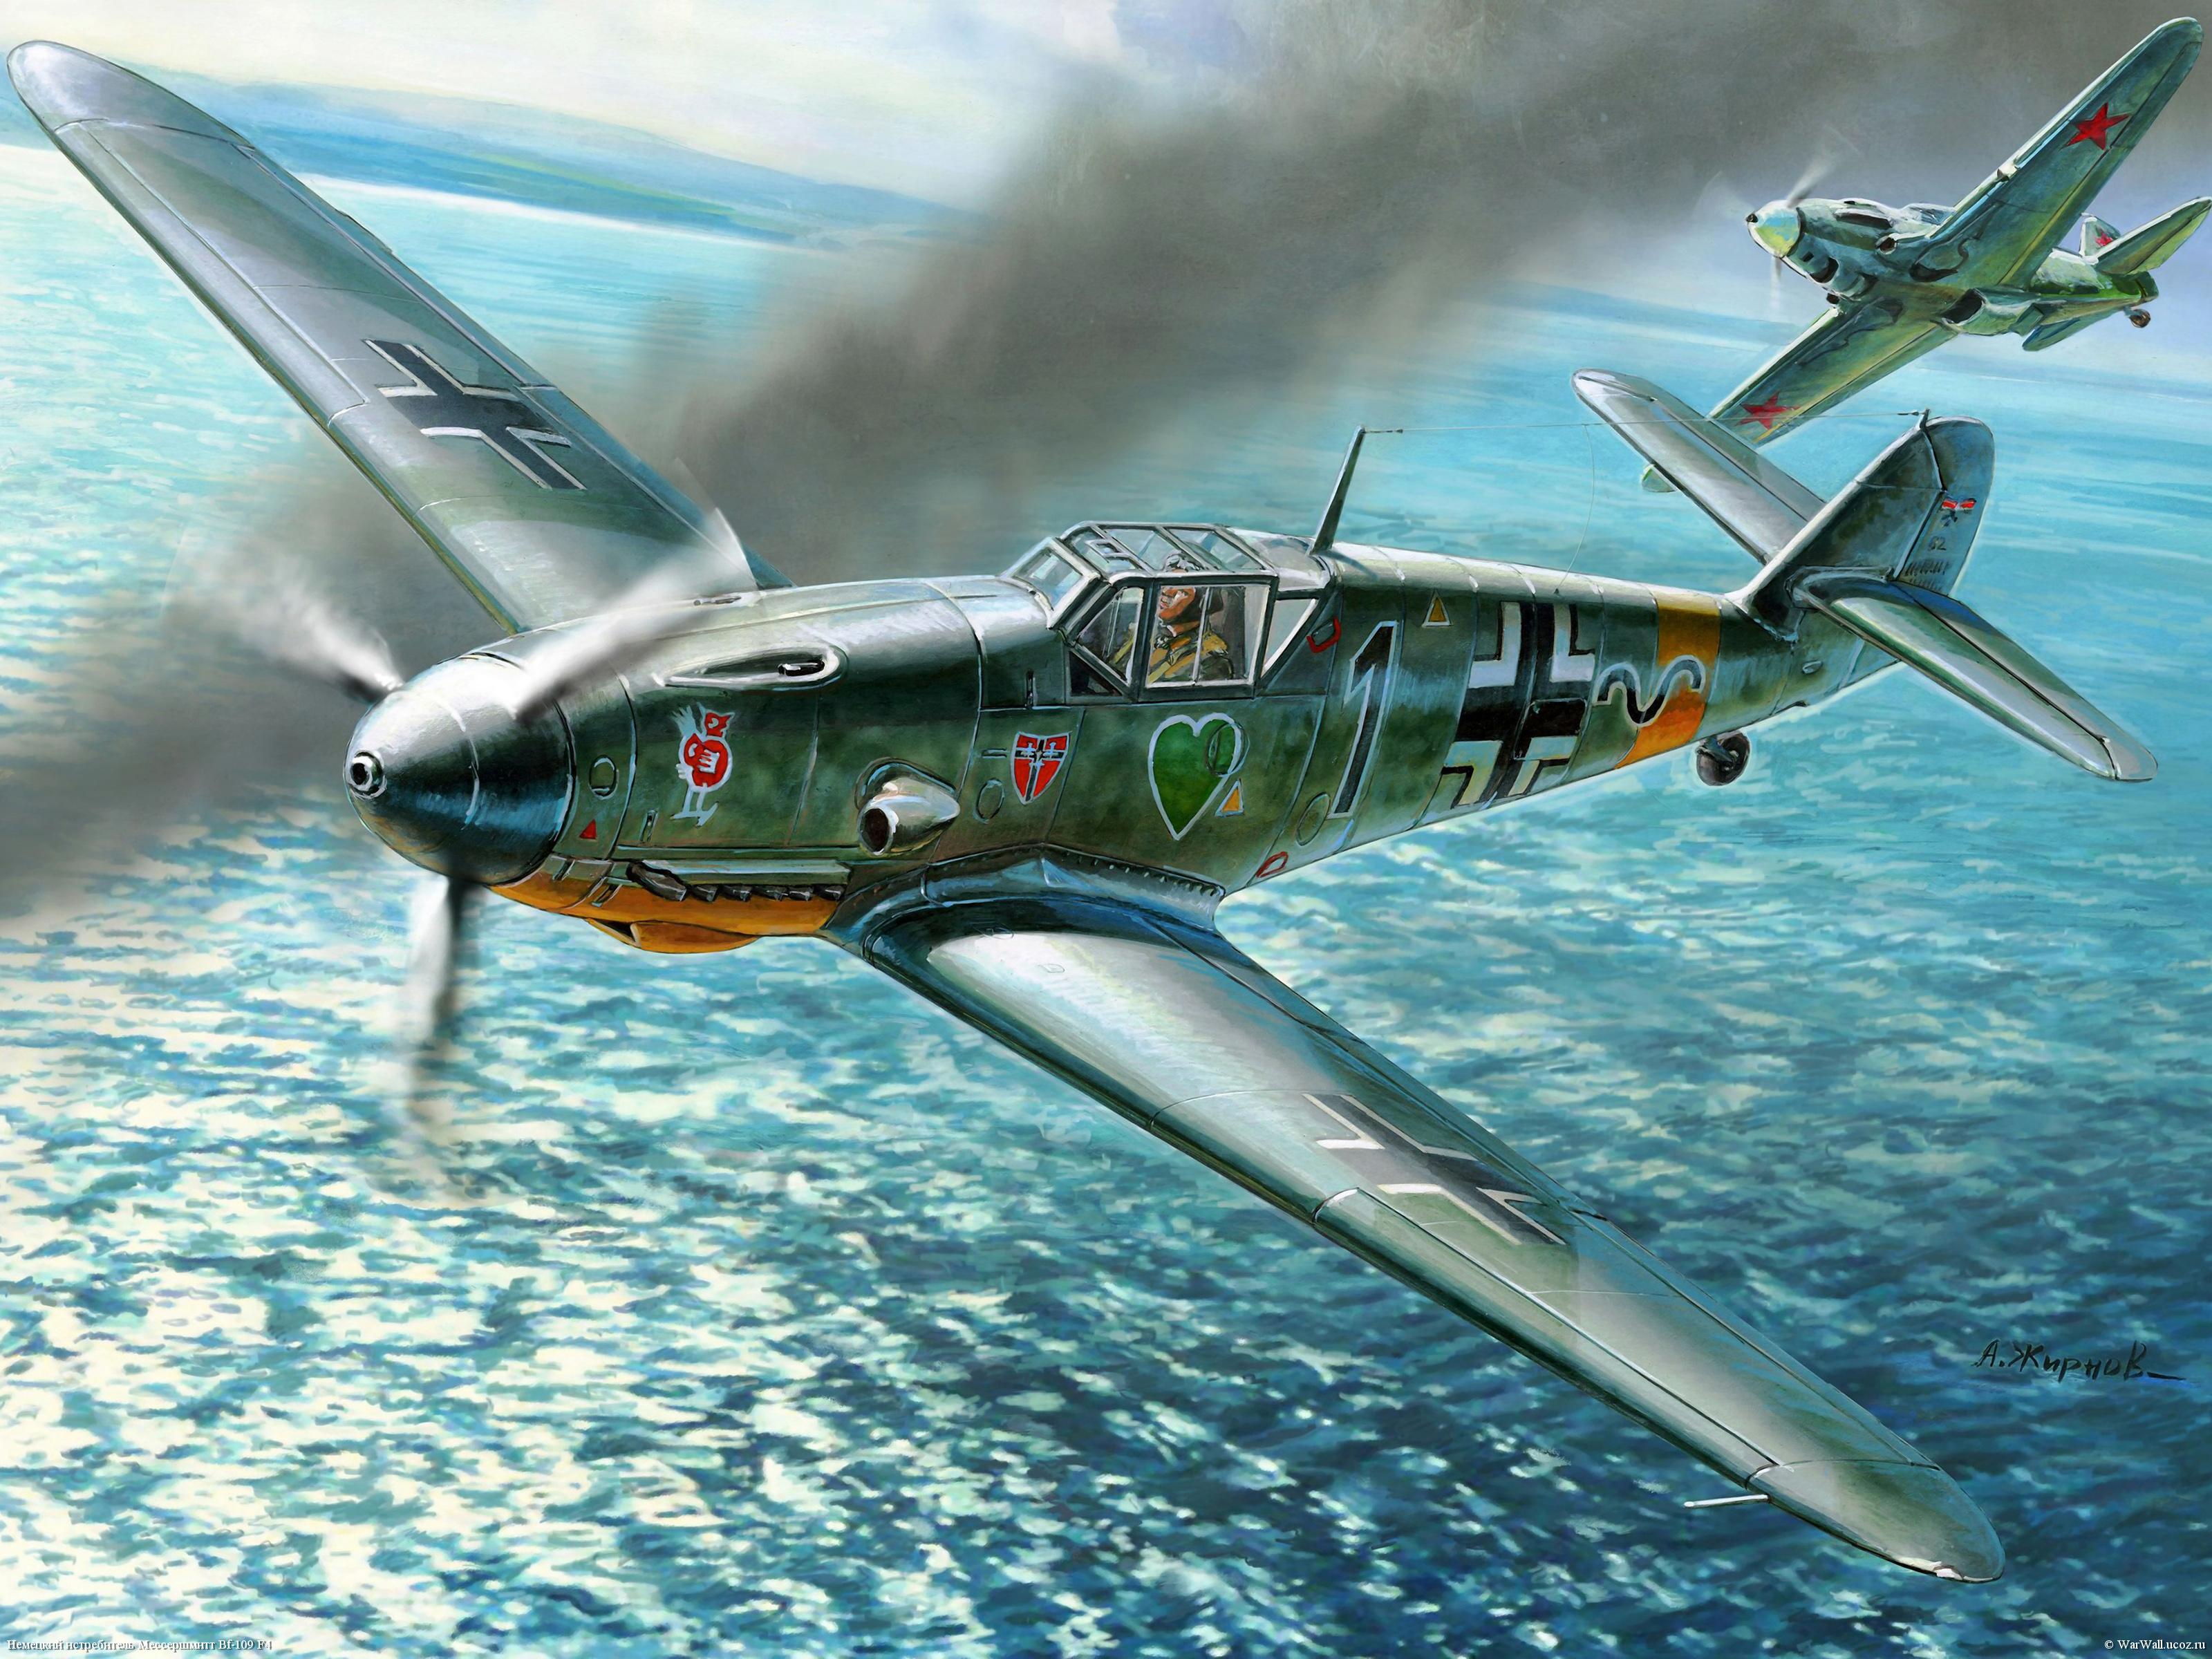 Жирнов Андрей. Истребитель Bf-109 F4.